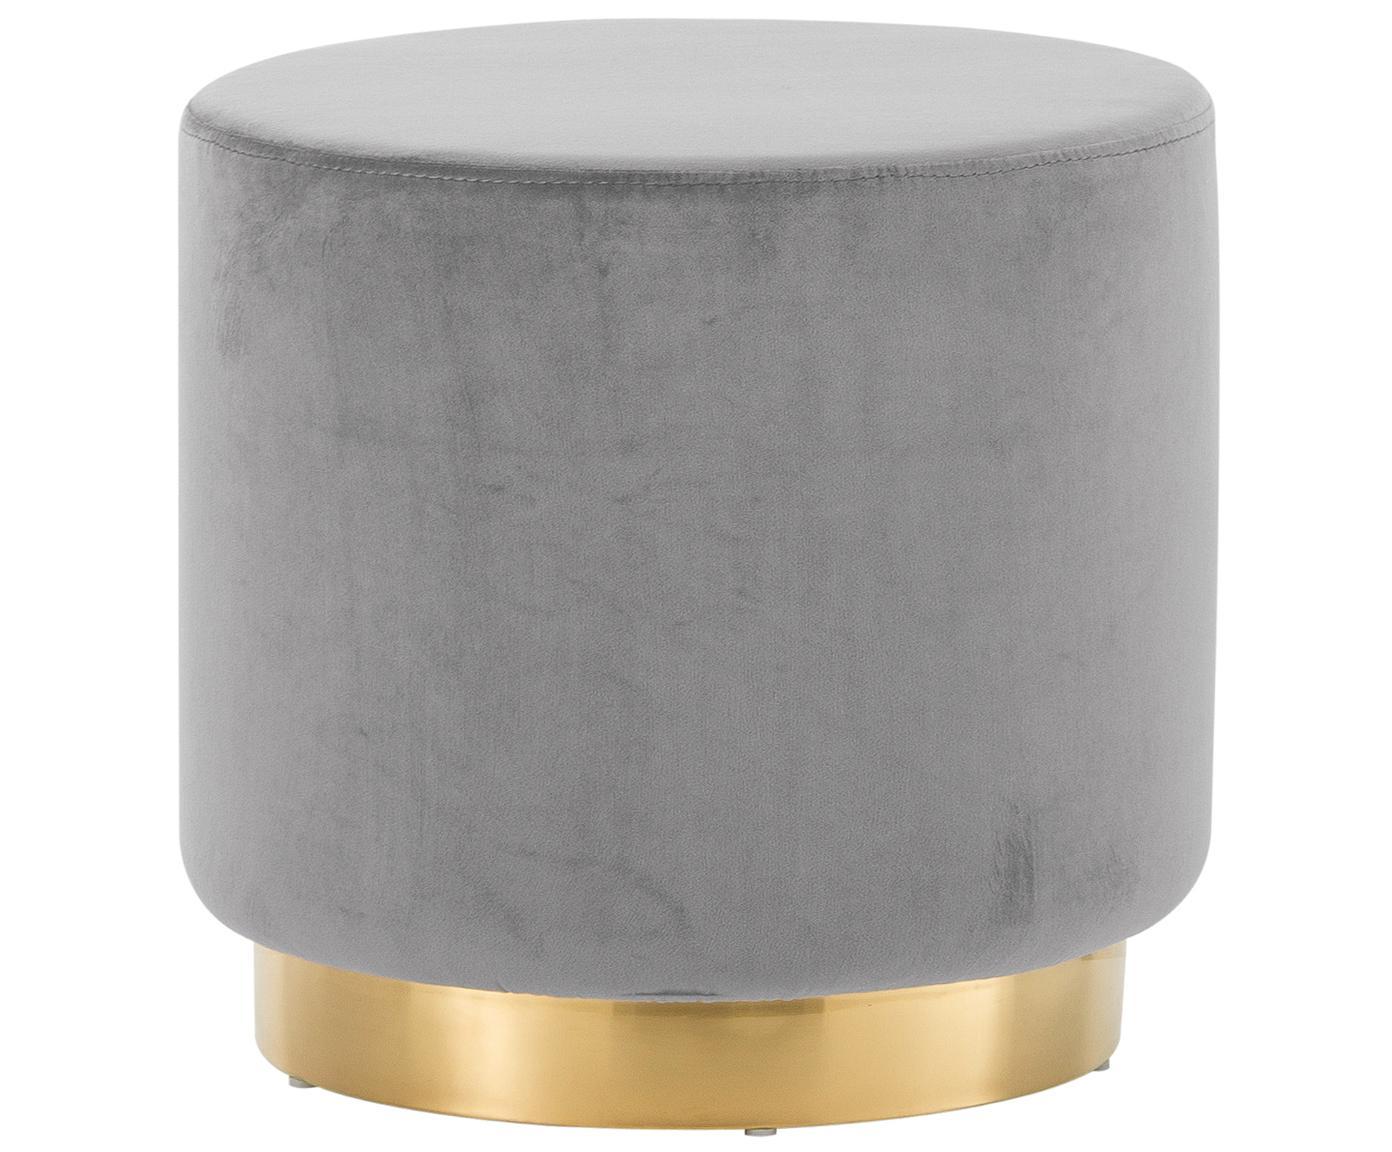 Fluwelen poef Orchid, Bekleding: fluweel (polyester), Frame: MDF, Voet: gecoat metaal, Bekleding: grijs. Voet: goudkleurig, Ø 40 x H 39 cm